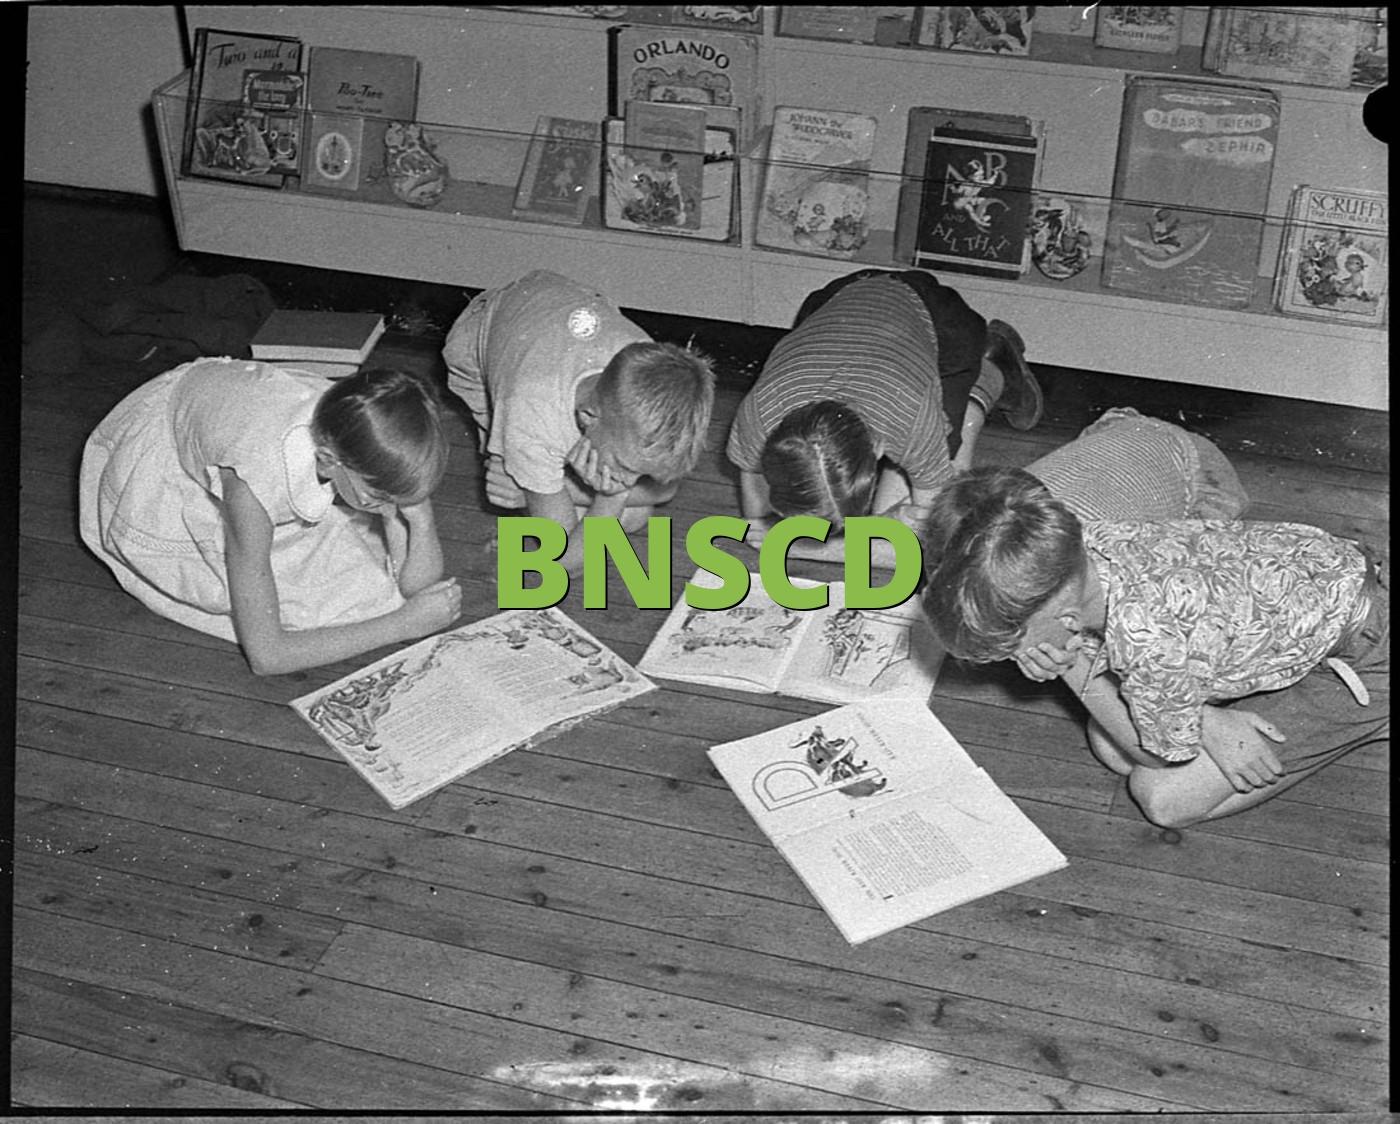 BNSCD